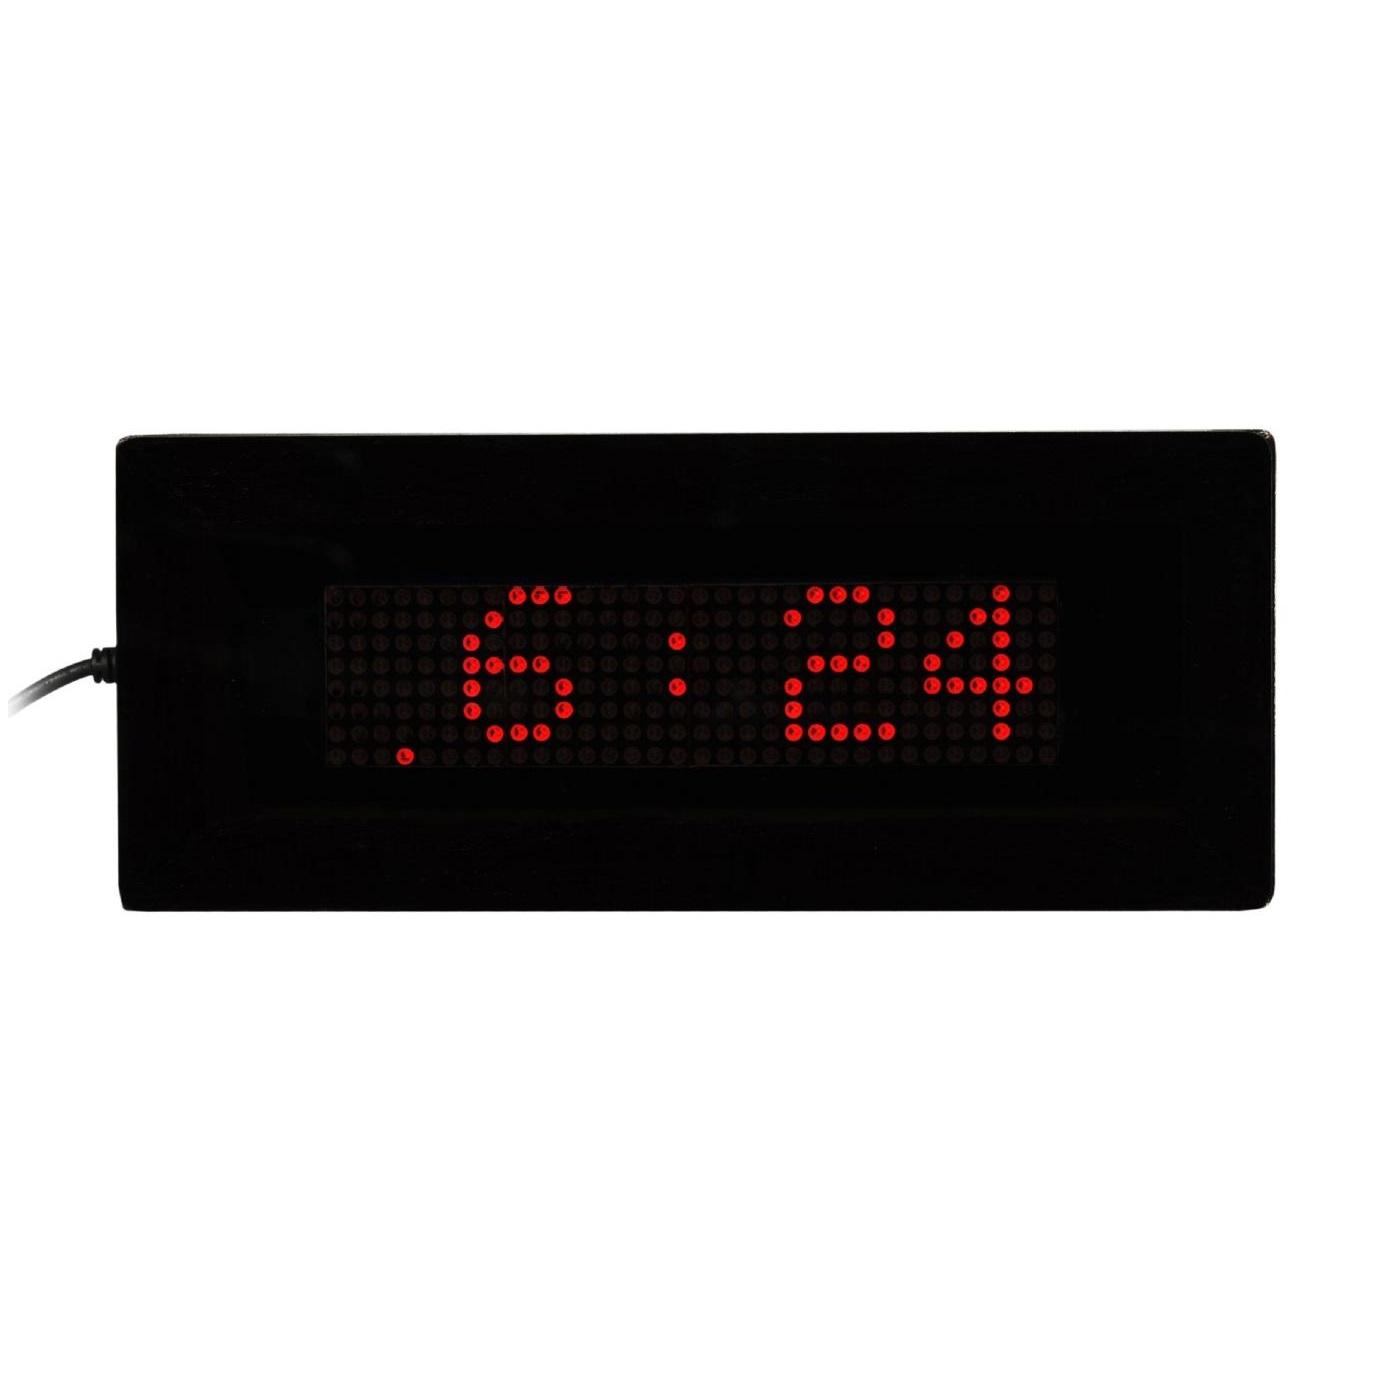 خرید ساعت رومیزی مدل IOTSAZ_0832D